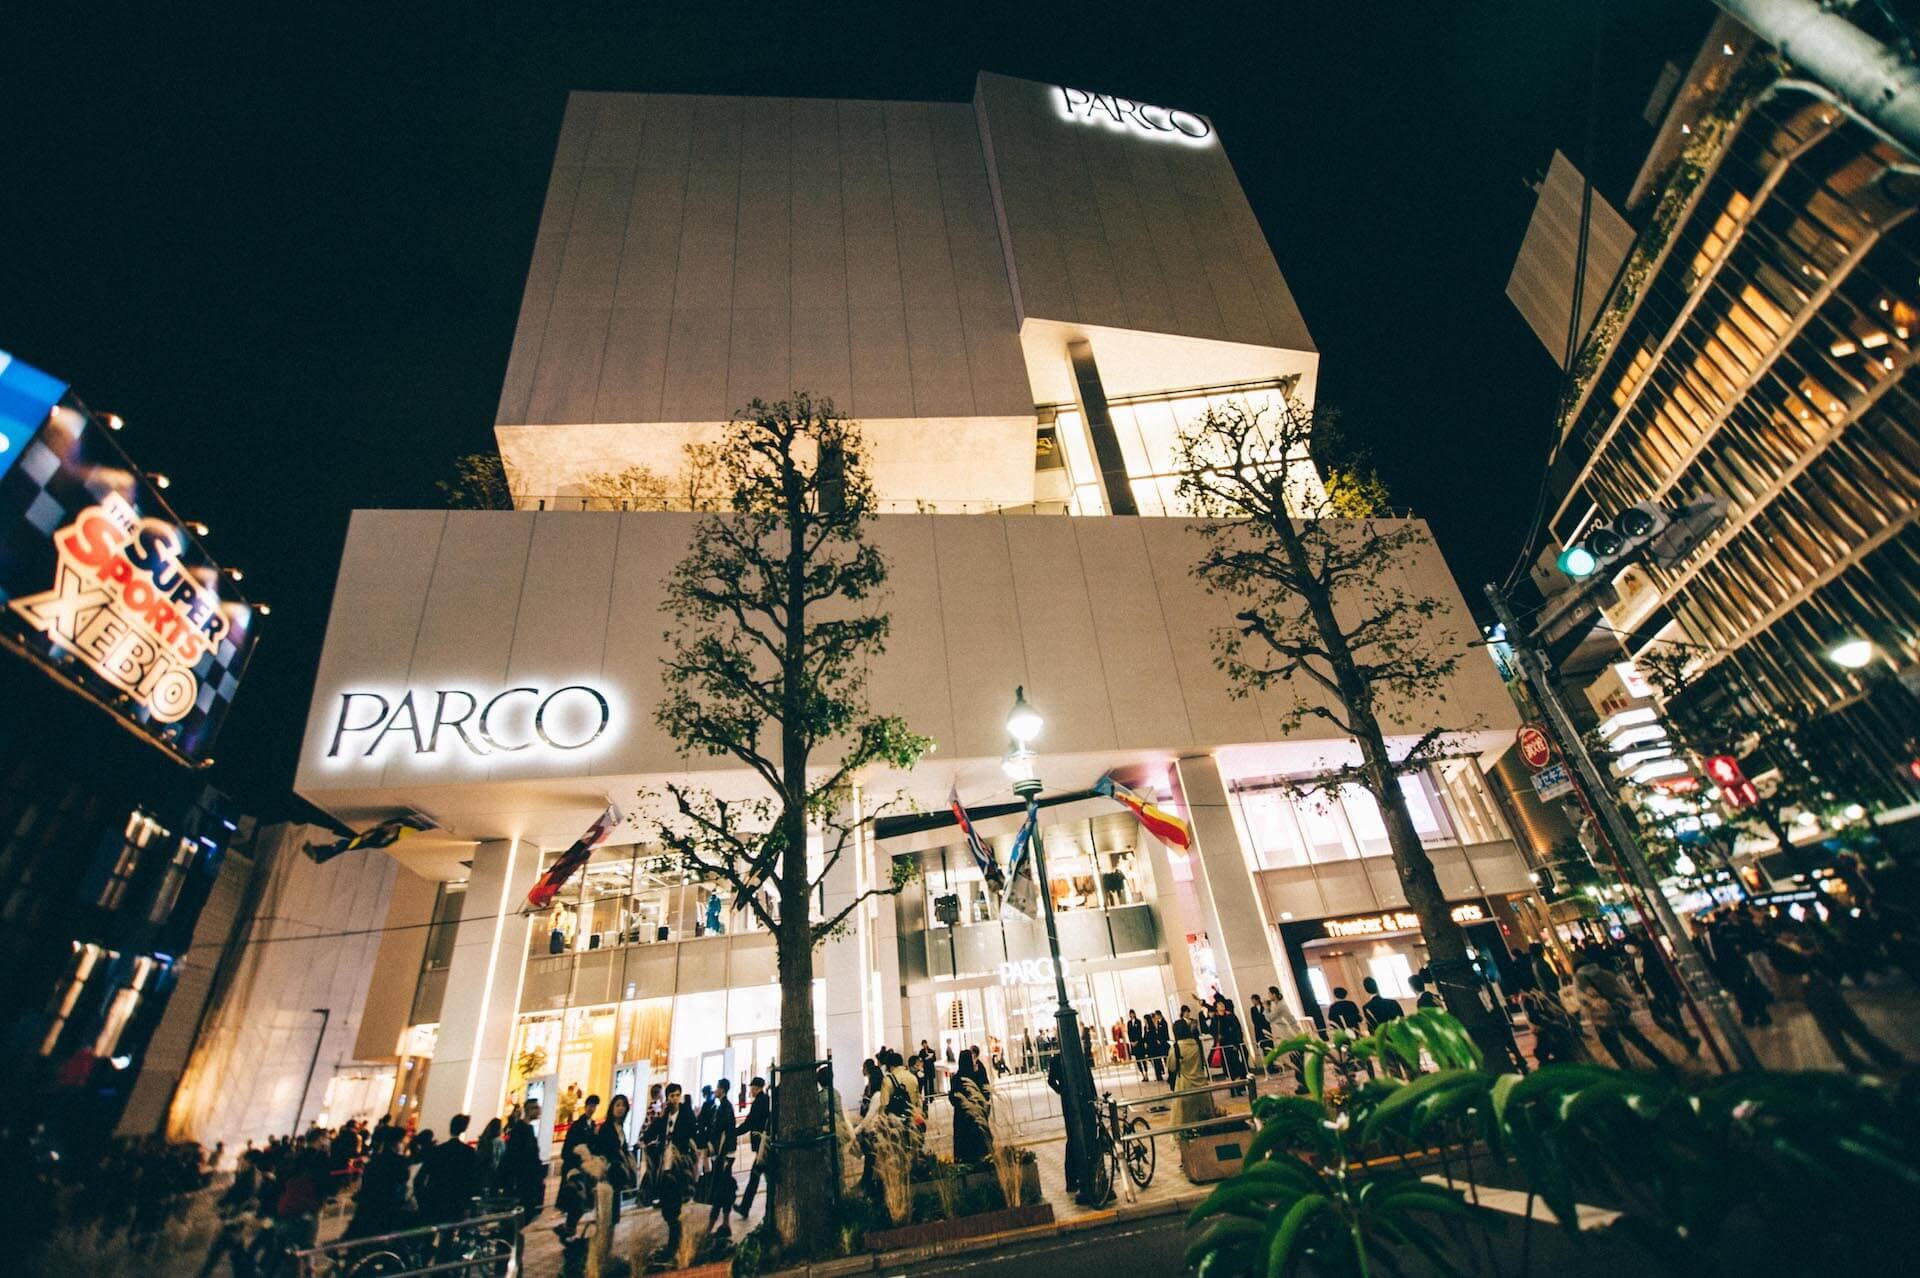 新生渋谷PARCOのカオスなフードエリア「CHAOS KITCHEN」注目の3店舗をピックアップ lfefashion-20191122-parco-7141